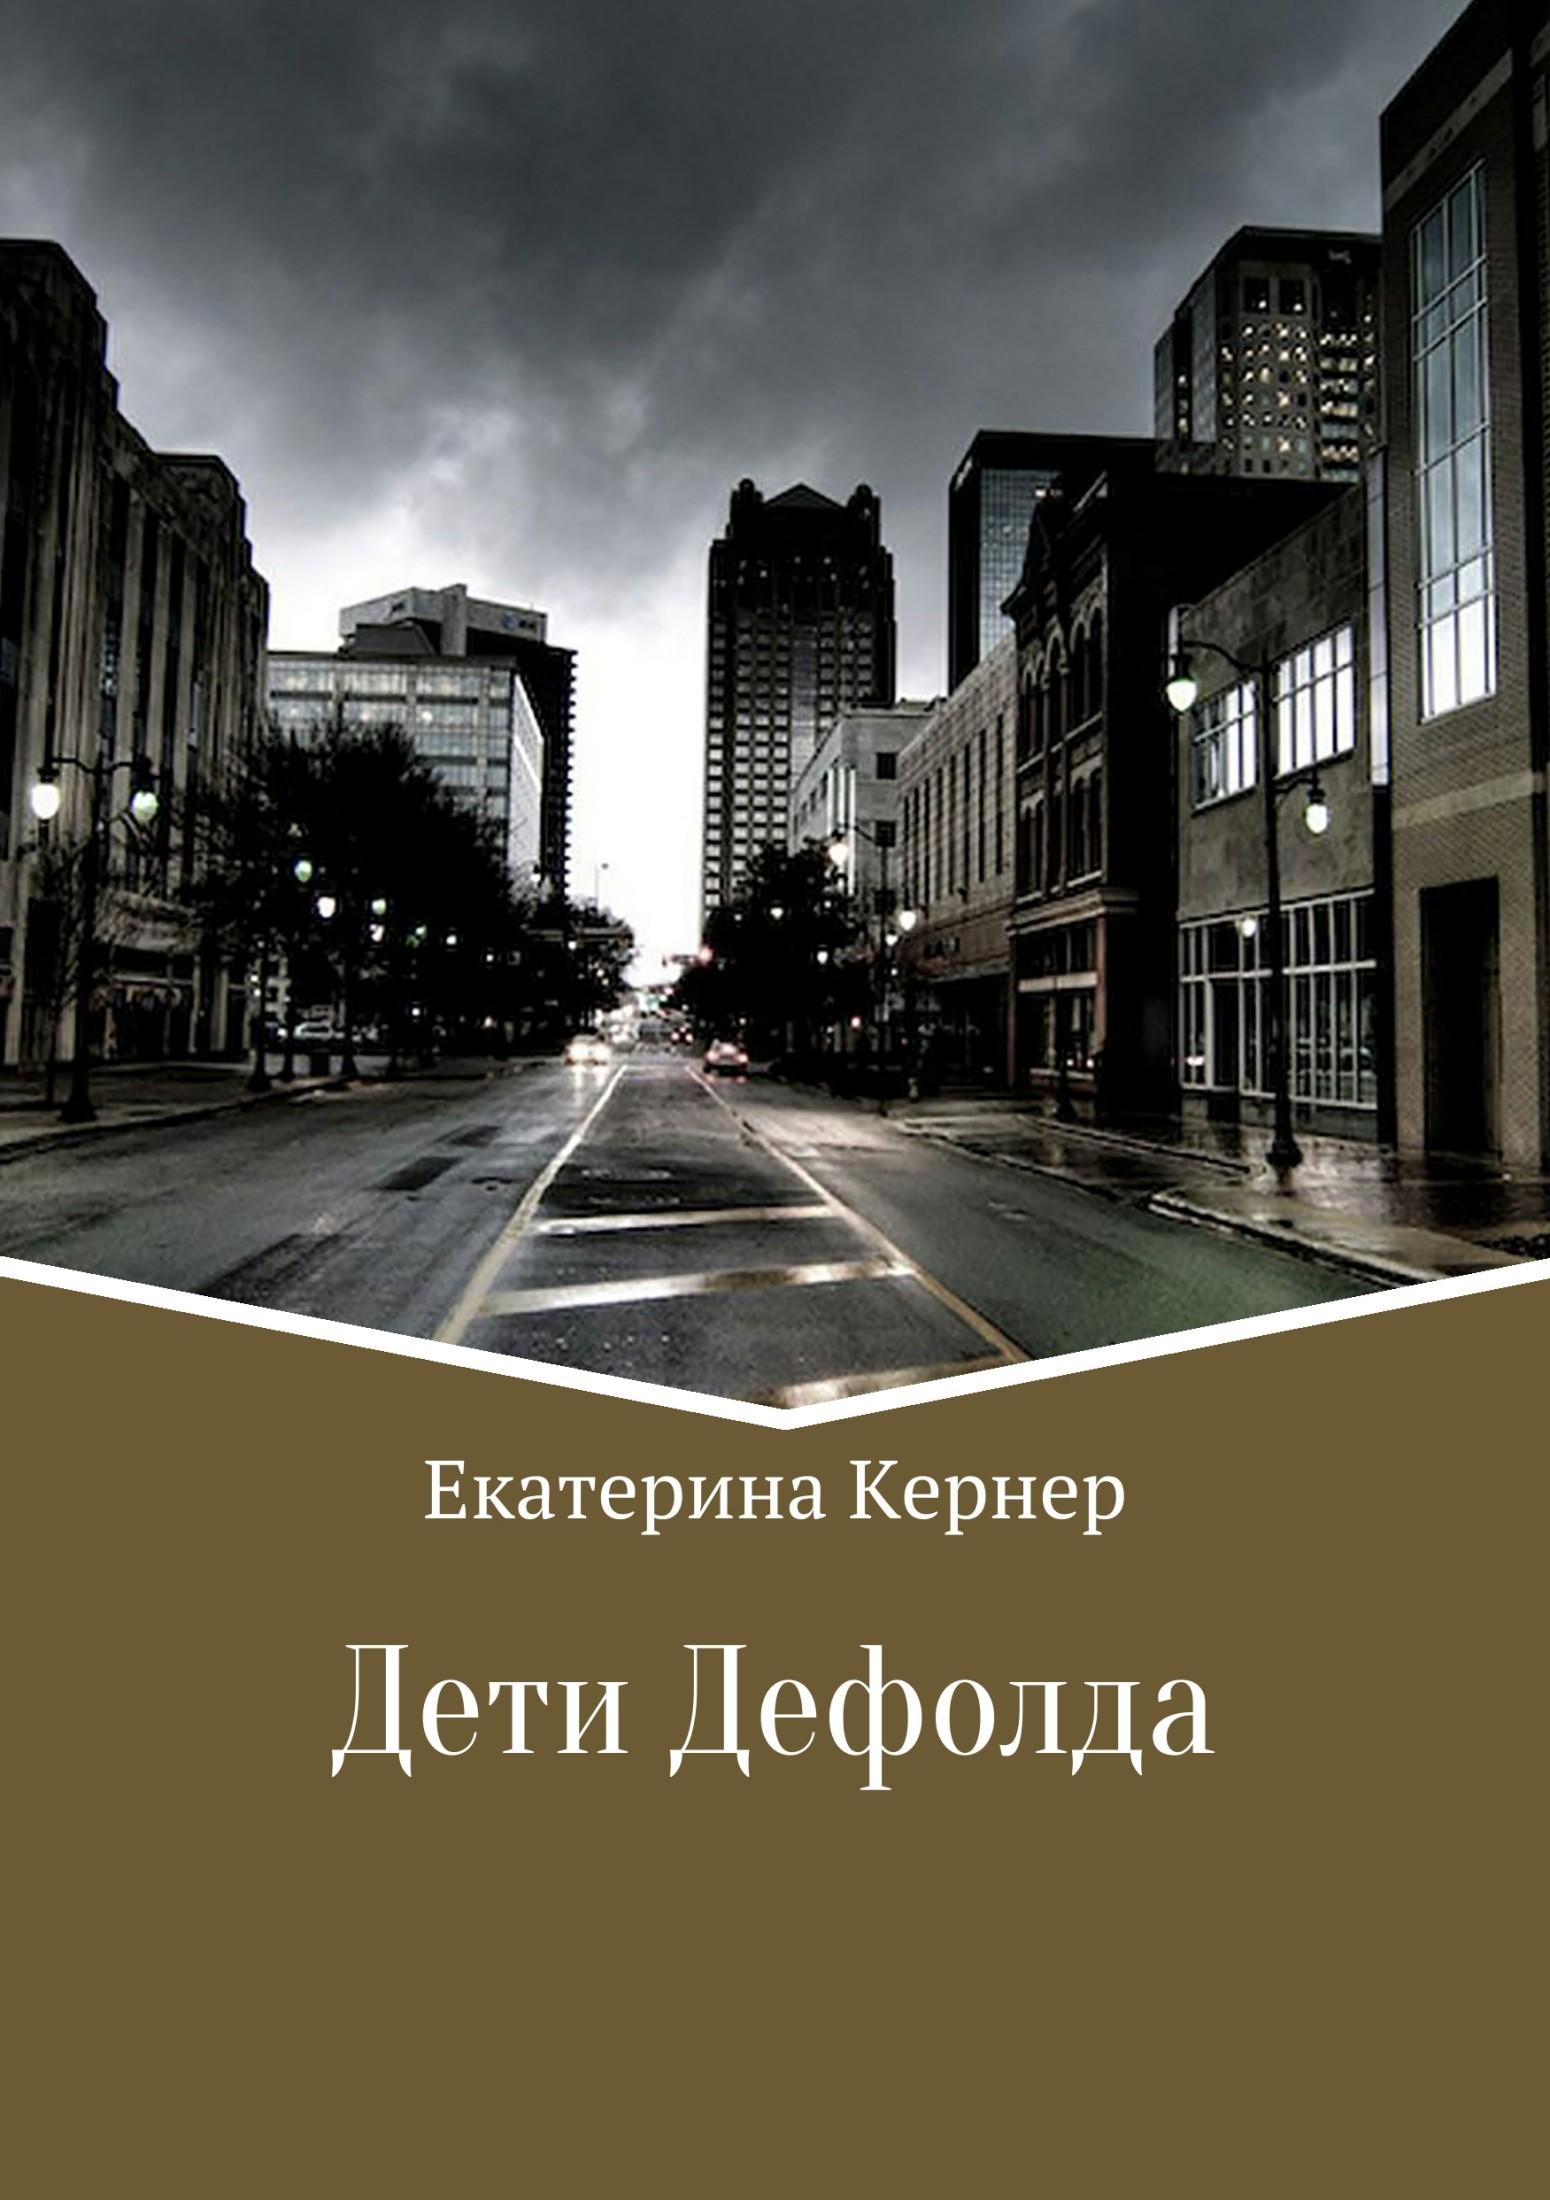 Екатерина Кернер Дети Дефолда альберт измайлов стихами бродского звучит в нас ленинград